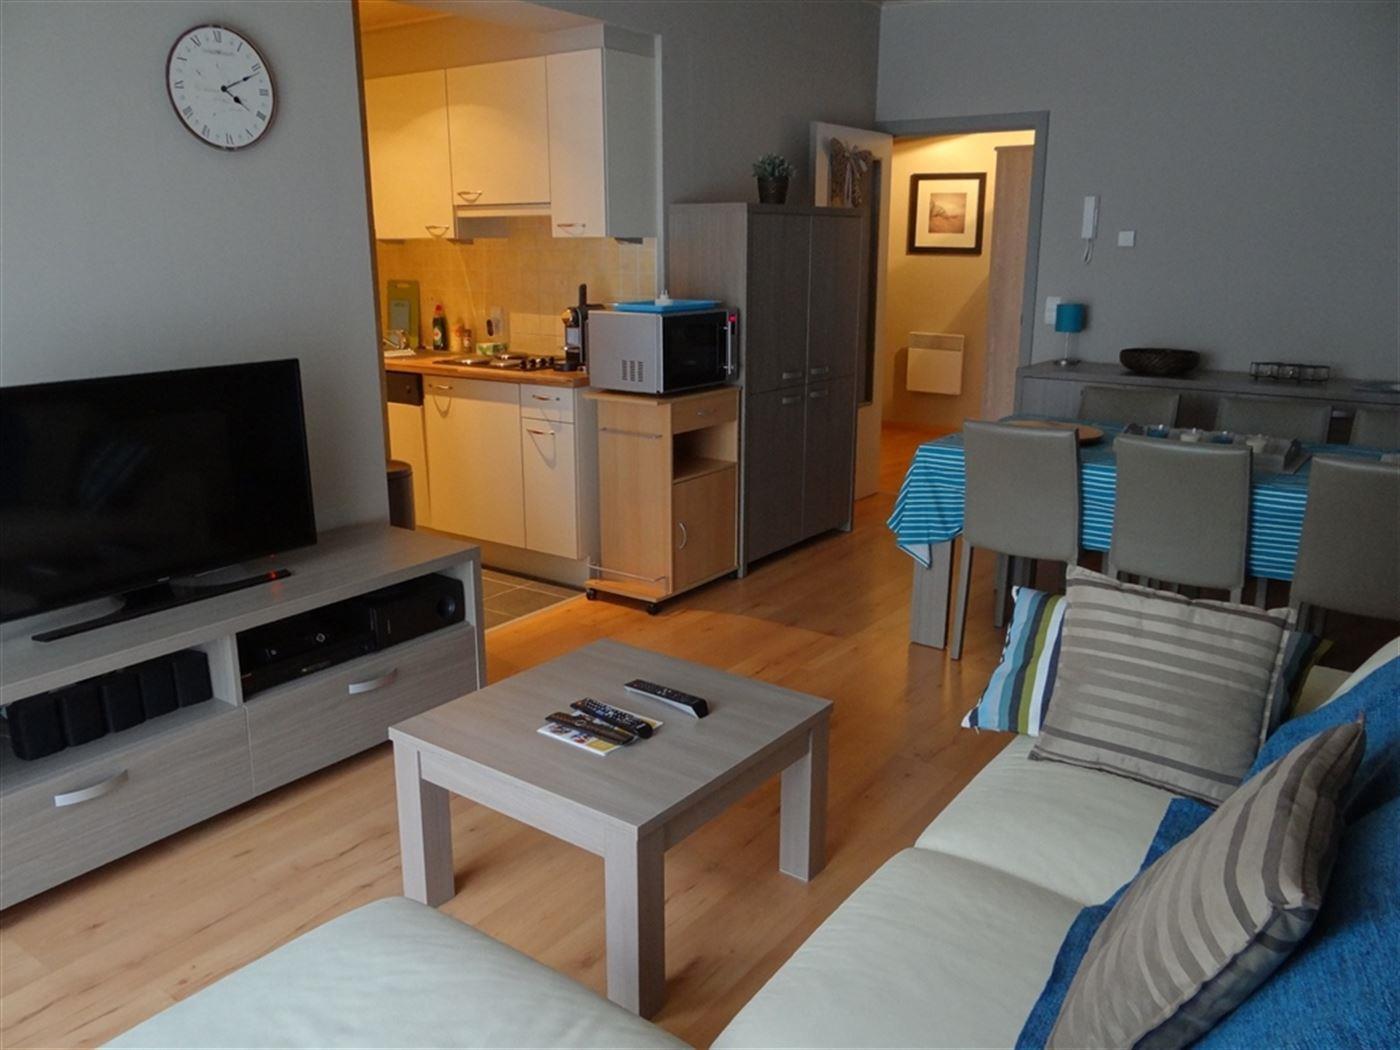 GEMEUBELD APPARTEMENT TE HUUR OP JAARBASIS - living met ingerichte keuken - ingerichte badkamer met combinatie ligbad en douche - slaapkamer met bed 1...